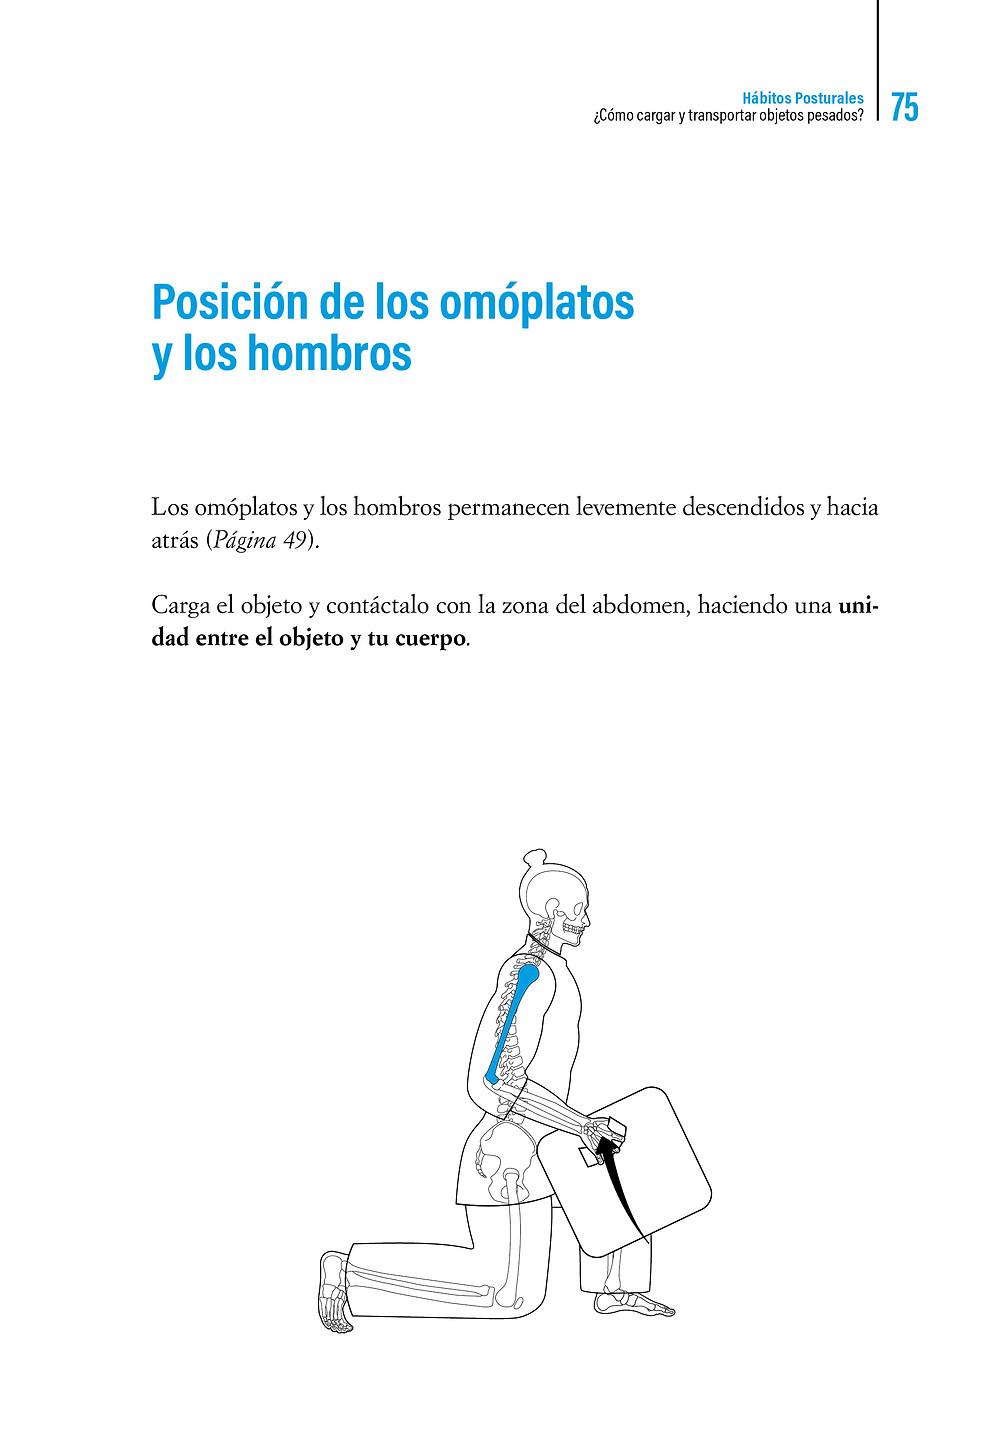    Libro Hábitos Posturales Posición de los omóplatos y los hombros